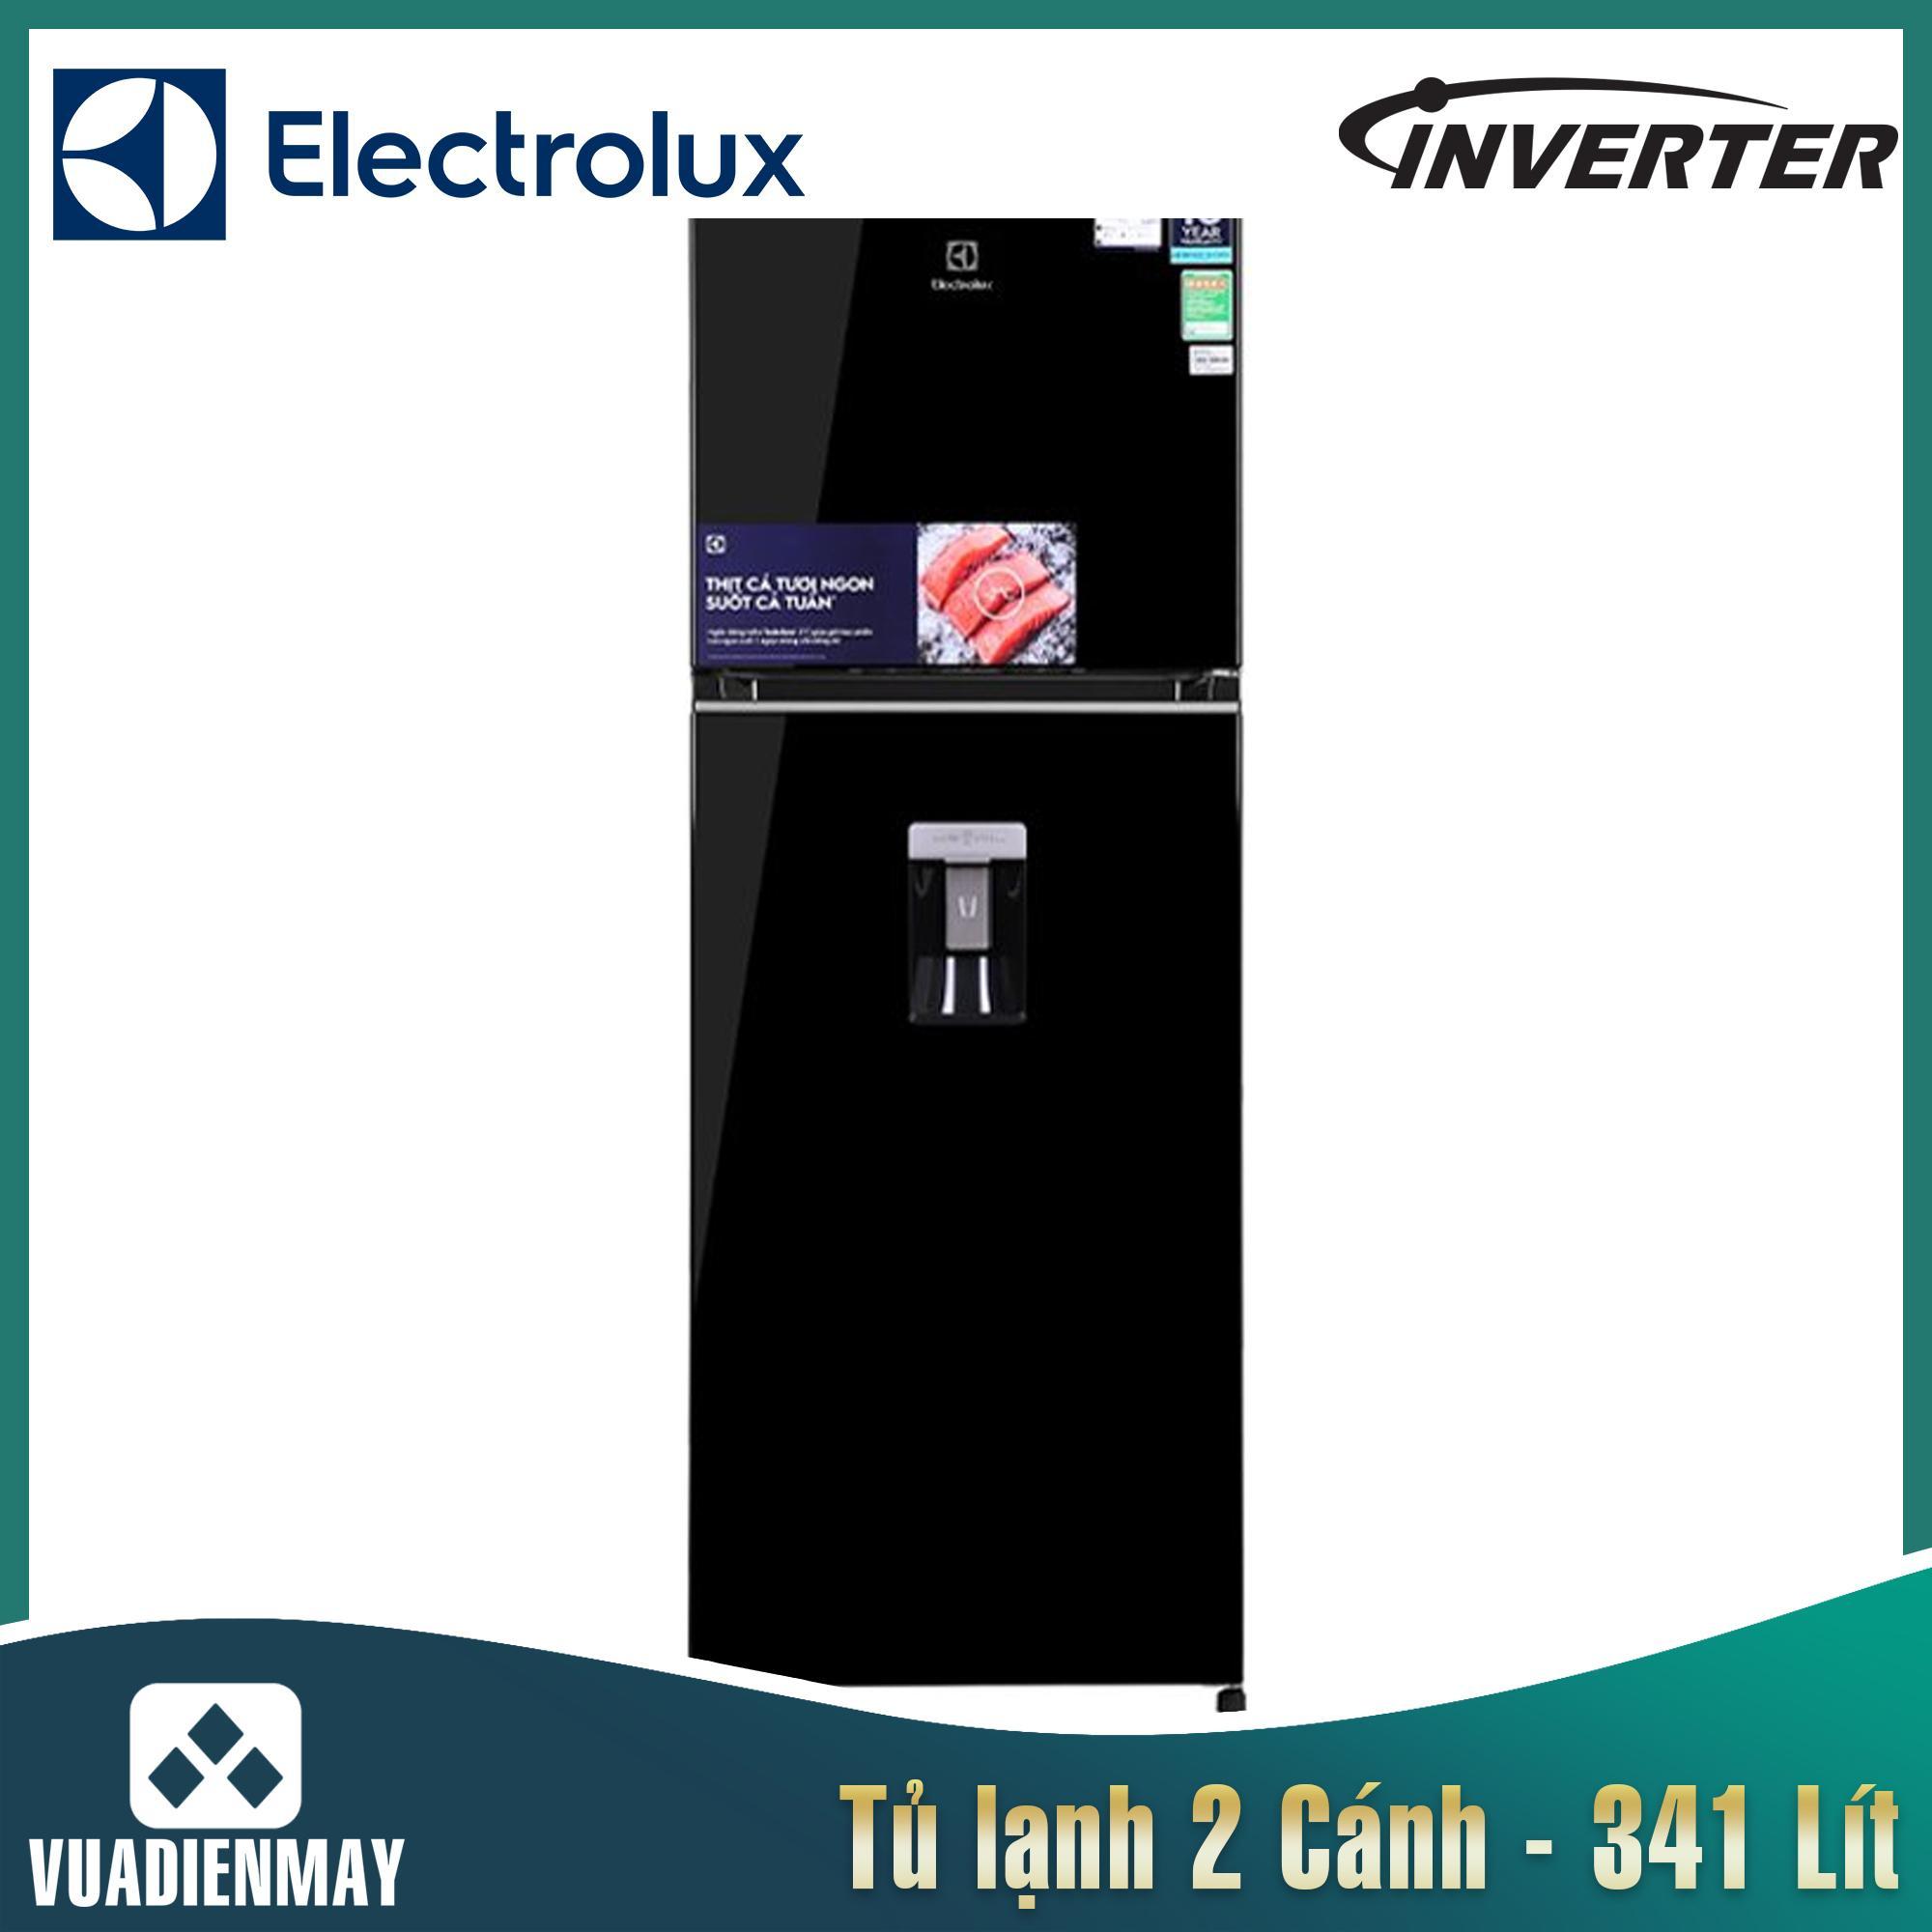 Tủ lạnh Electrolux Inverter 341 lít màu đen